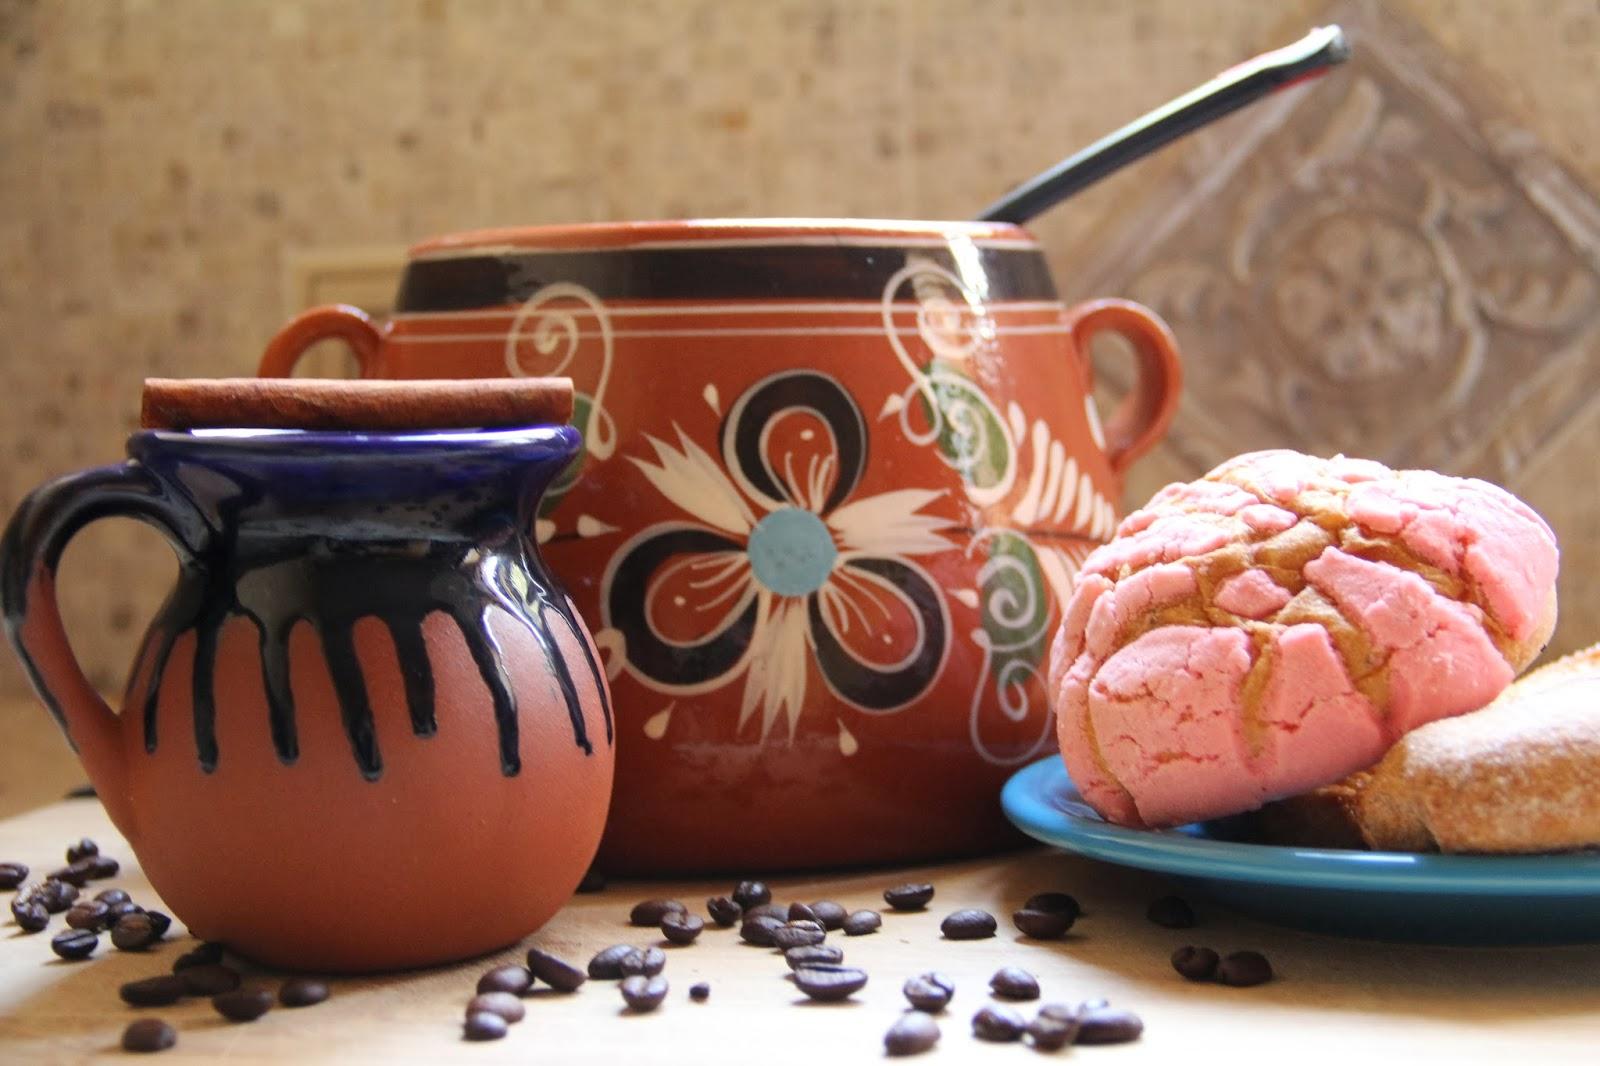 Cafe De Olla Pot